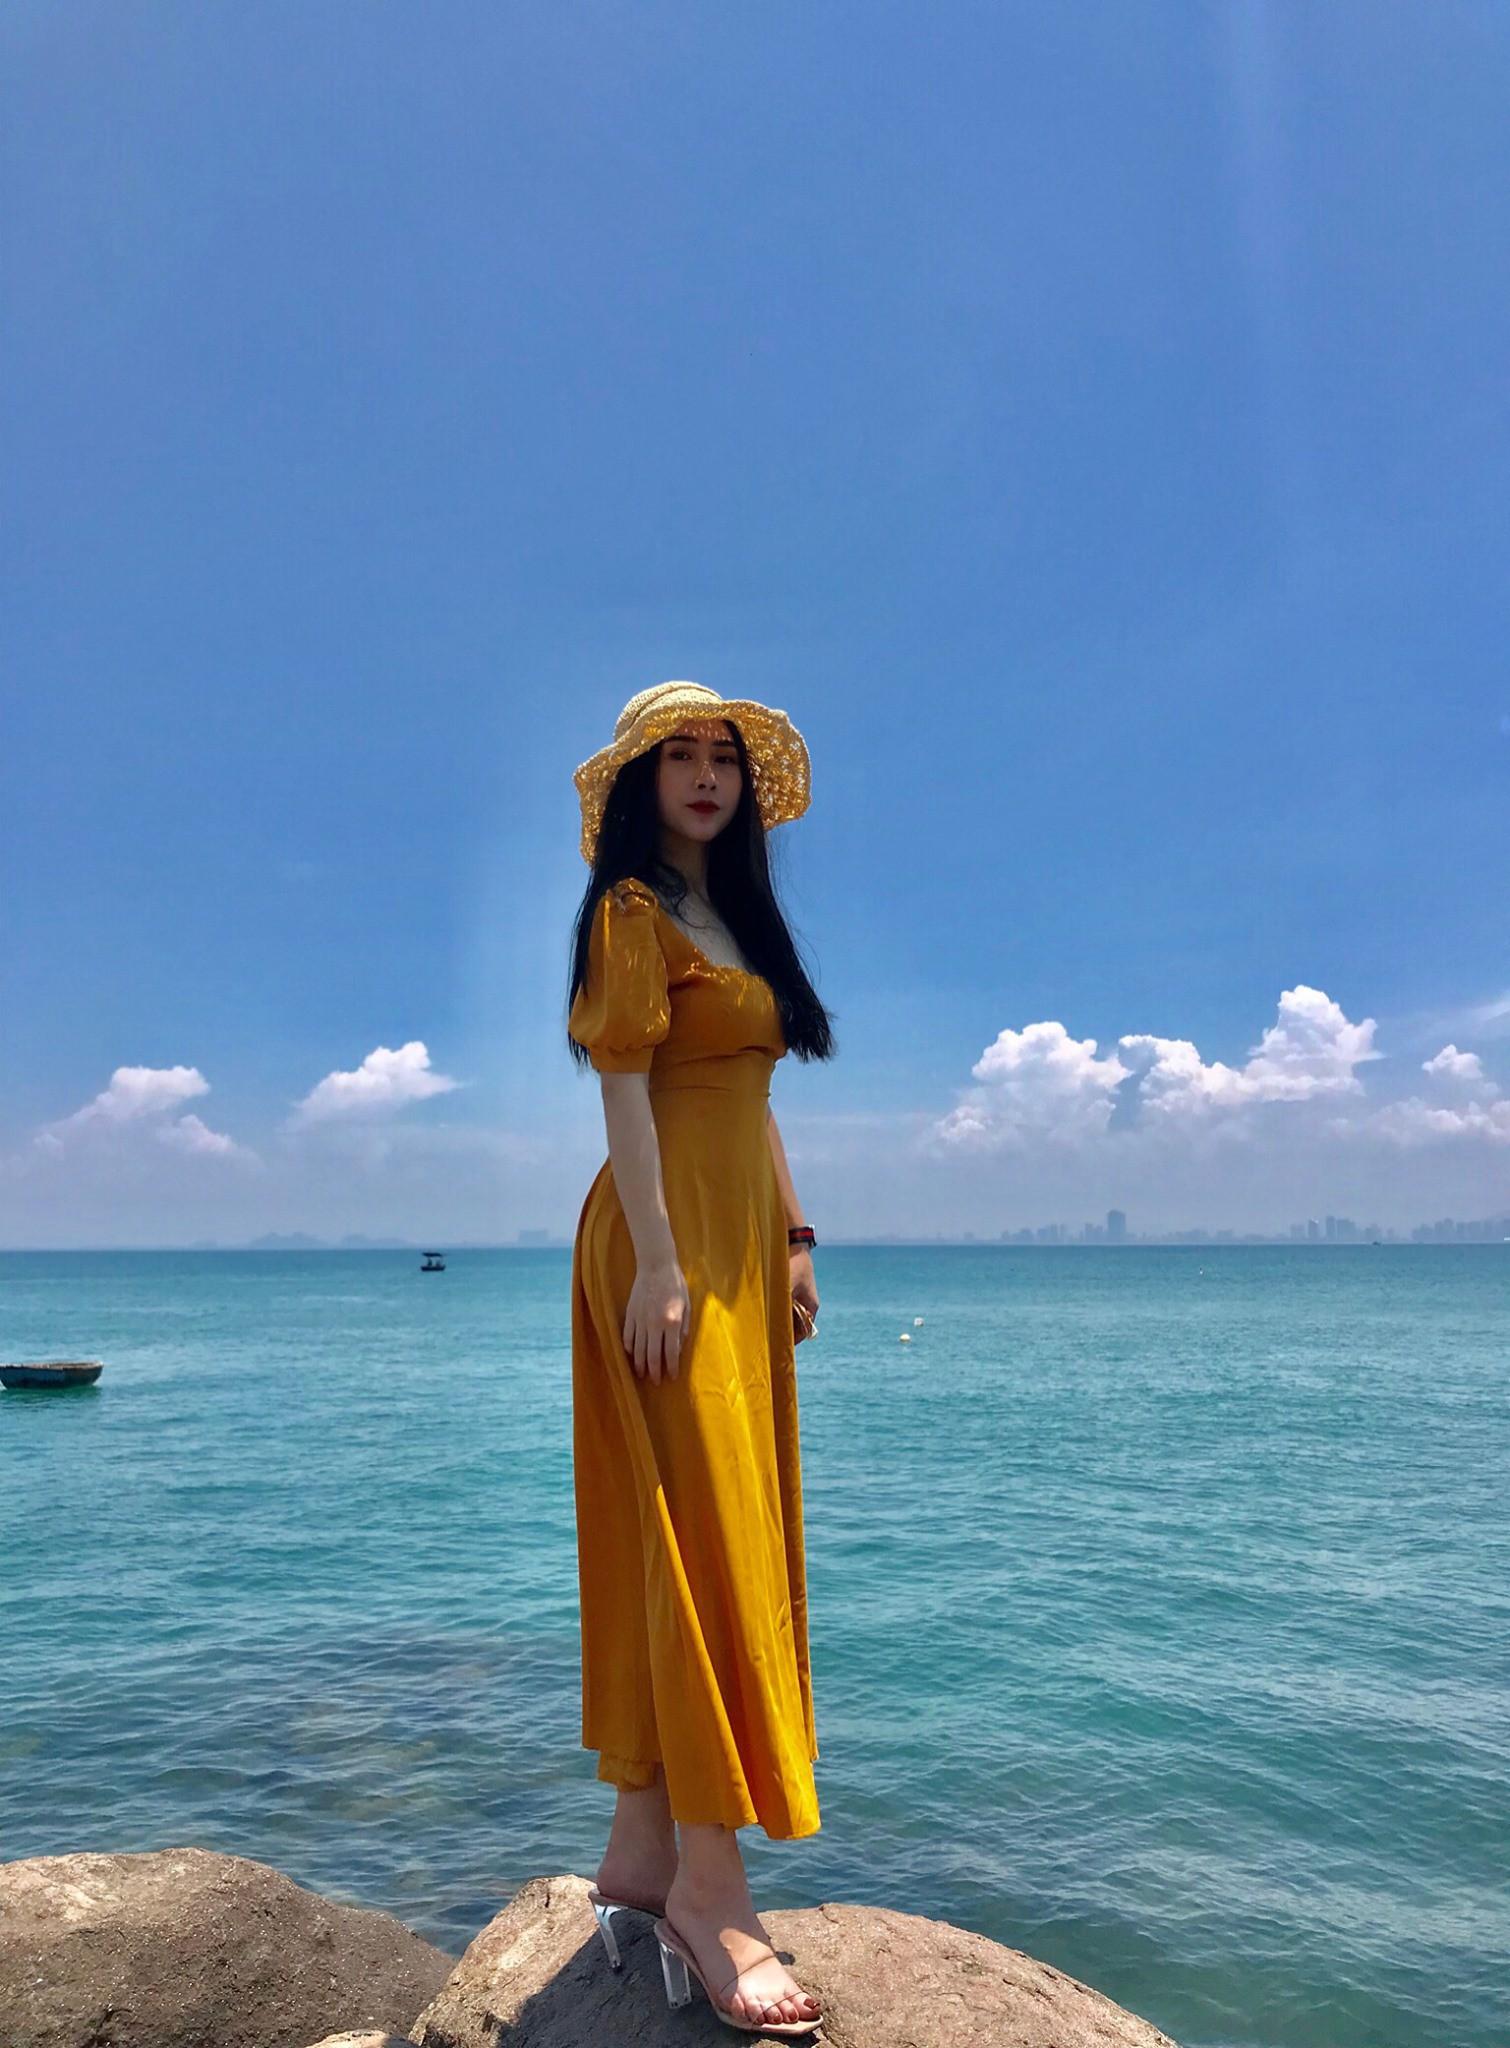 Cô gái có body nóng bỏng được cho là bạn gái của tuyển thủ Việt Nam Huỳnh Tấn Sinh là ai? - Ảnh 8.